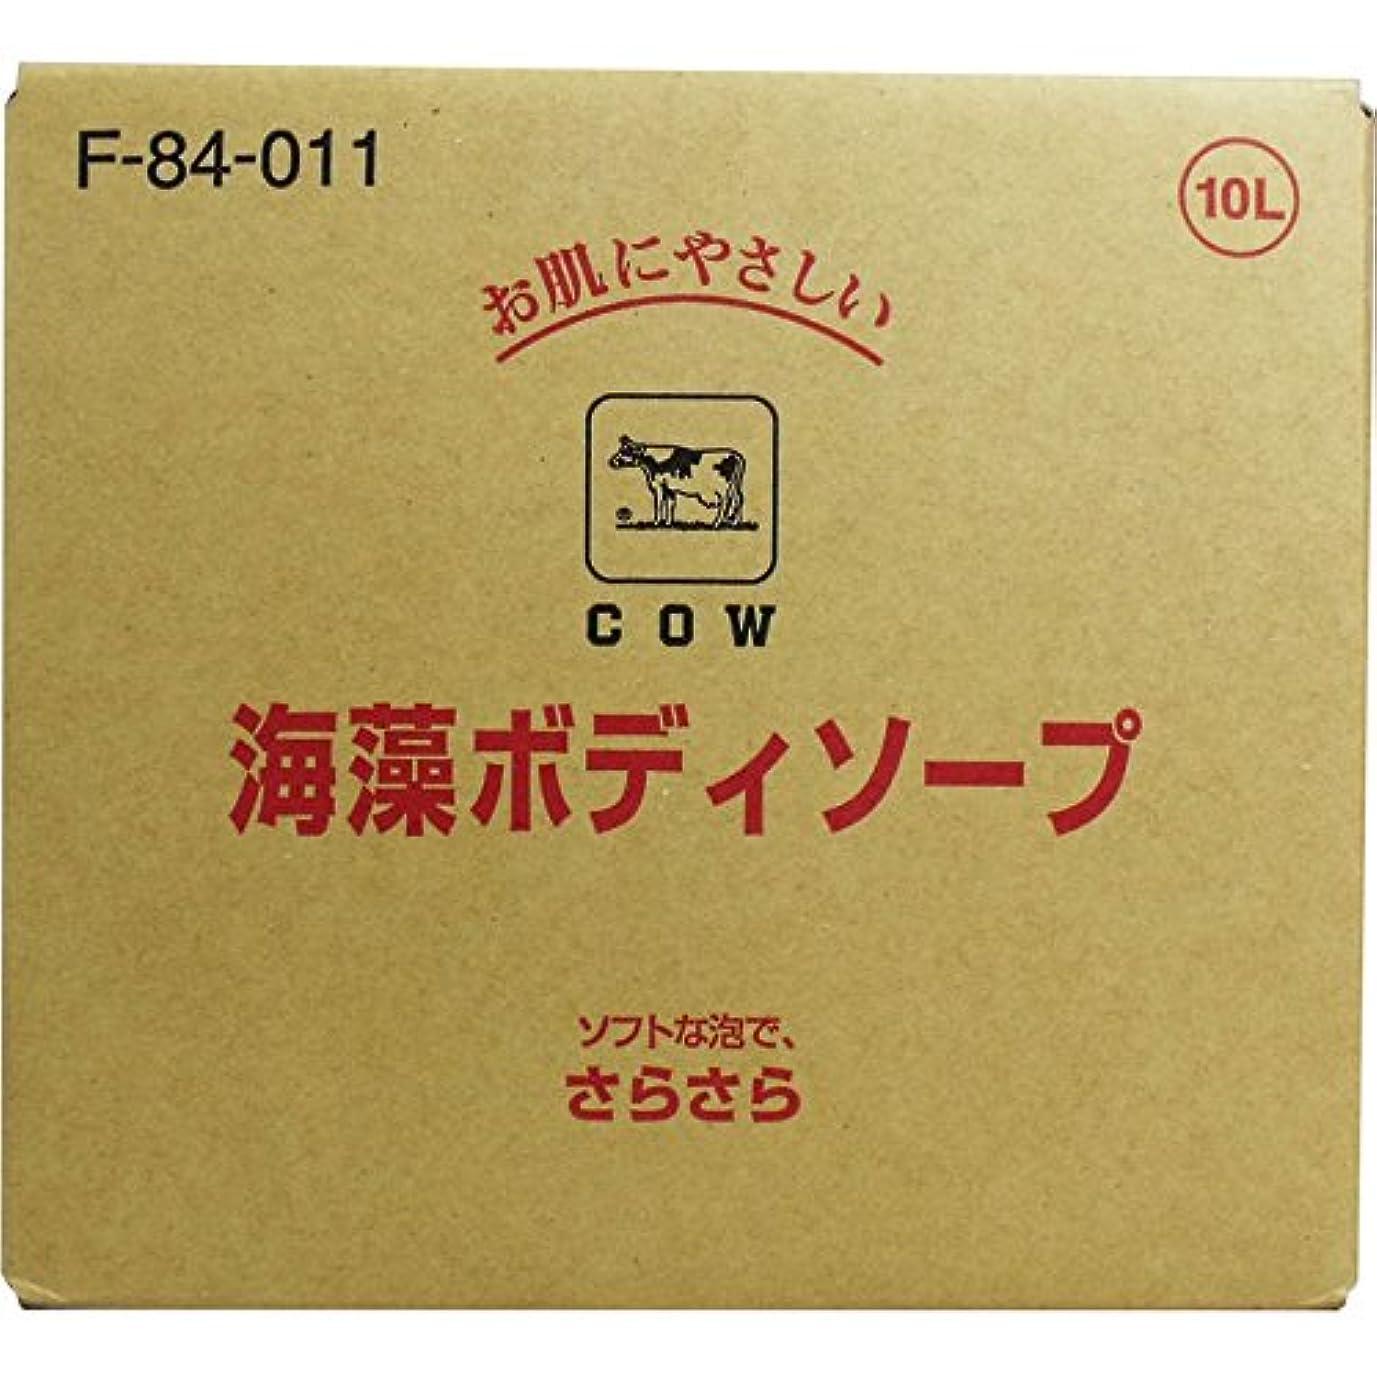 エッセイ選択するソケットボディ 石けん詰め替え さらさらした洗い心地 便利商品 牛乳ブランド 海藻ボディソープ 業務用 10L